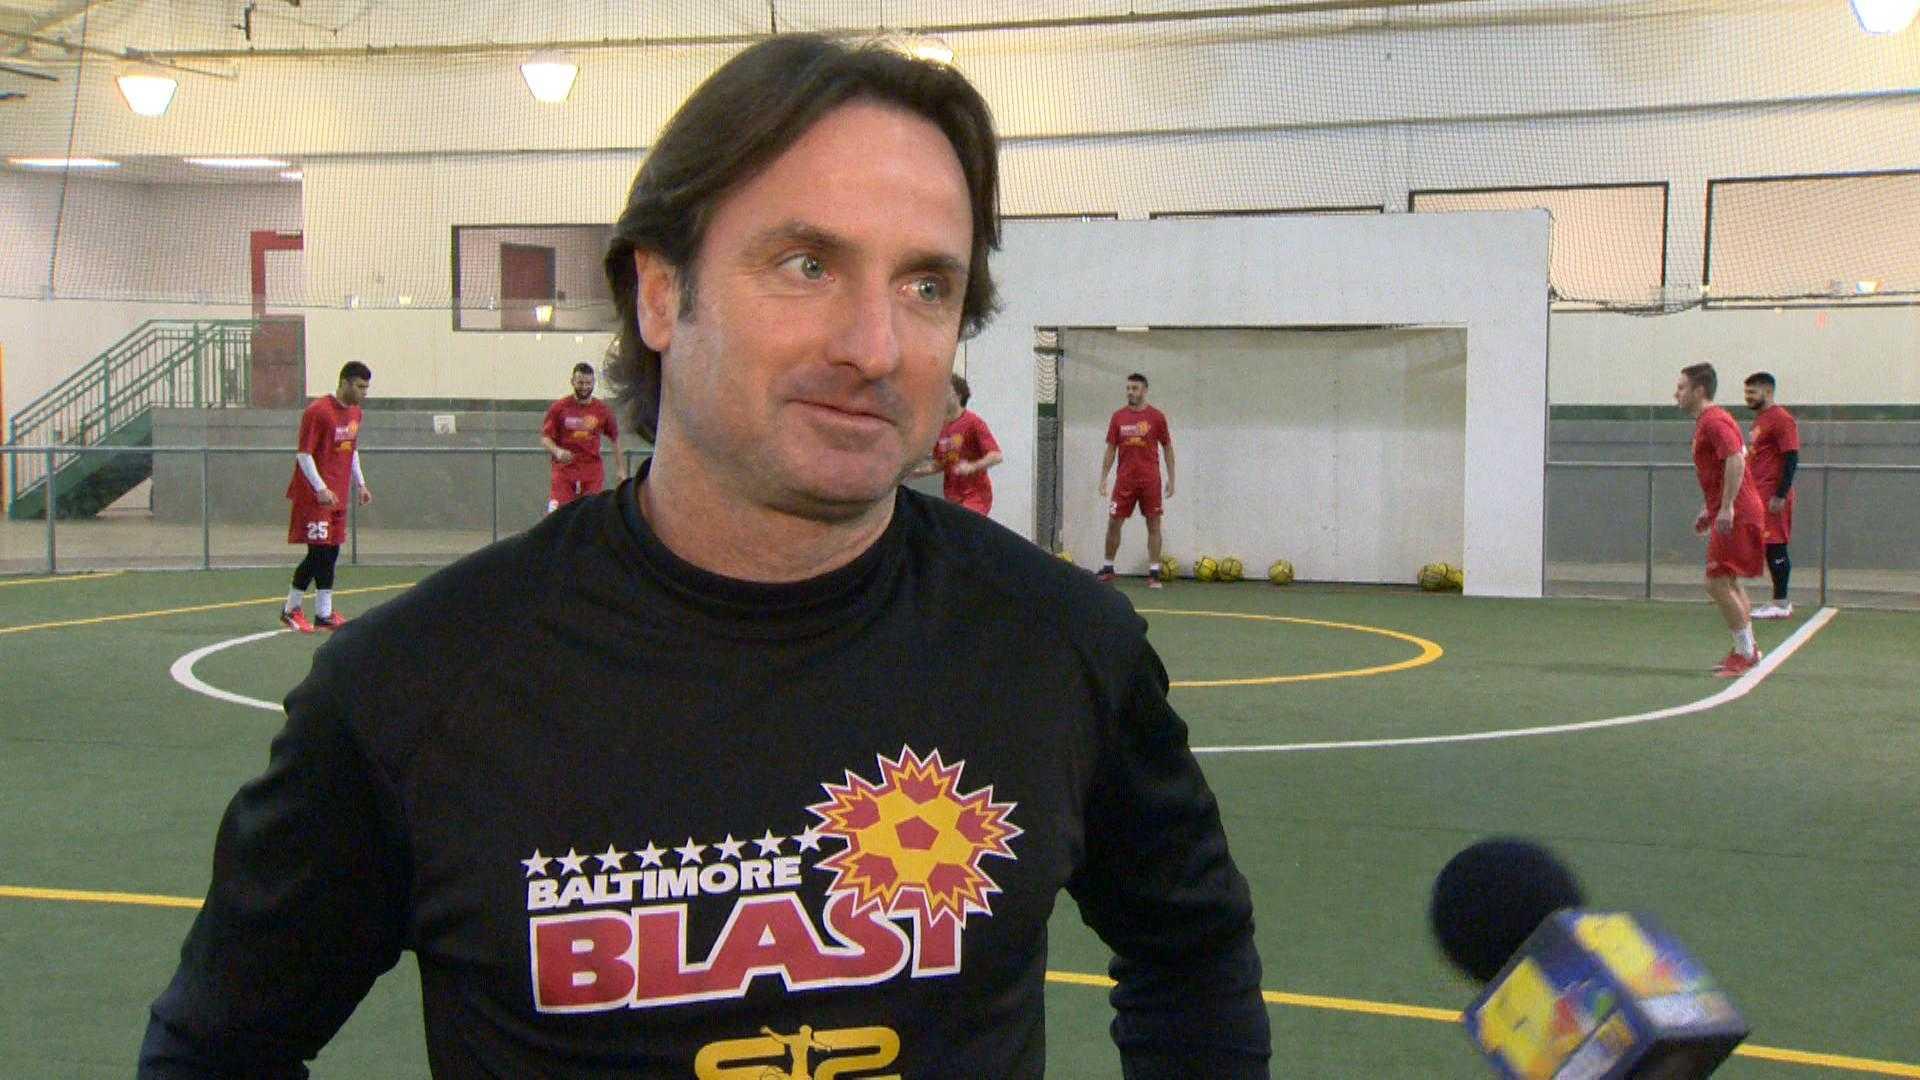 Blast coach Danny Kelly